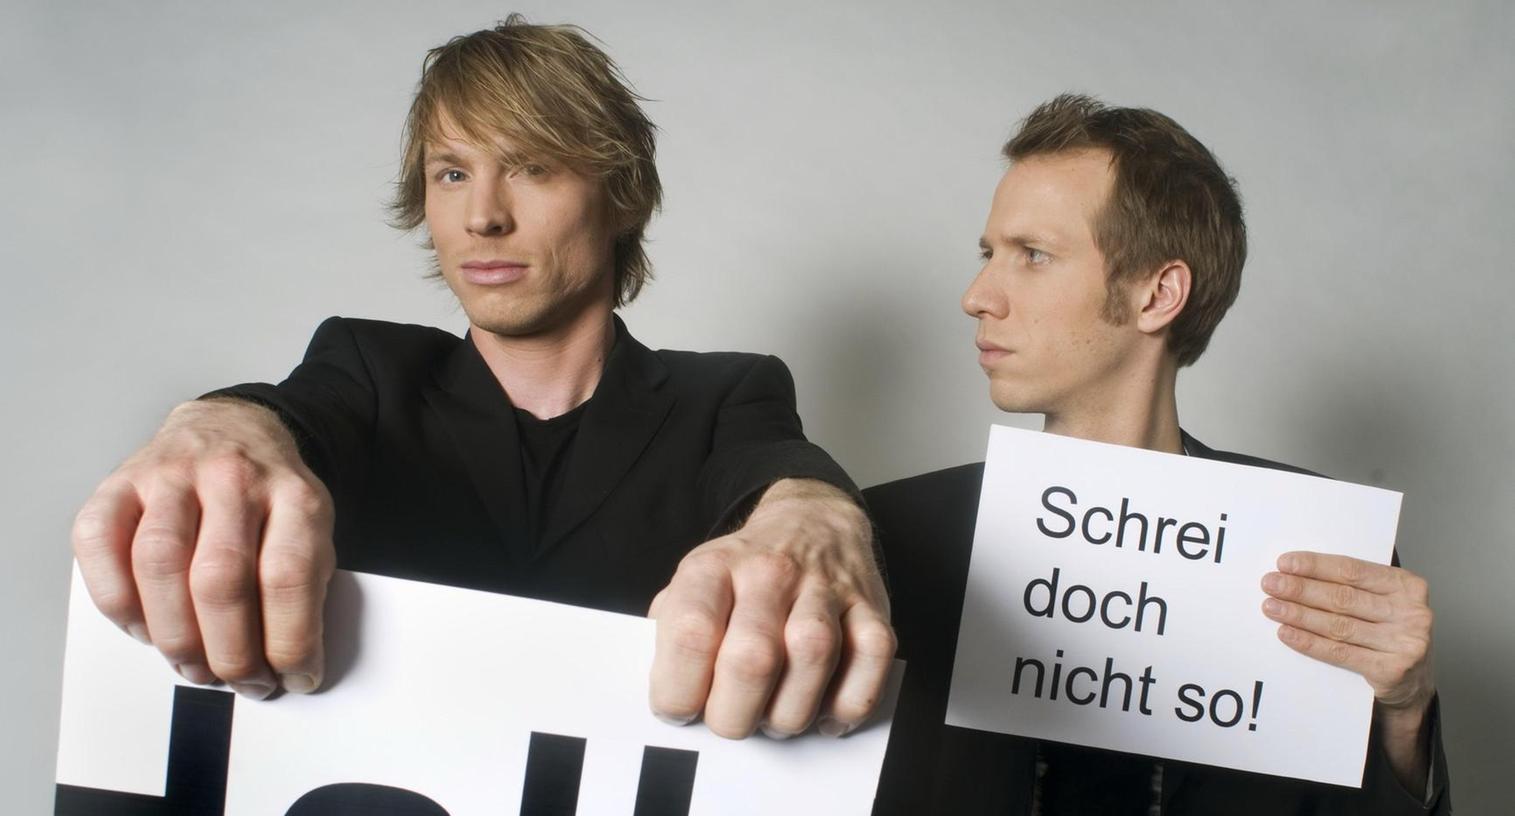 Das Schweizer Duo